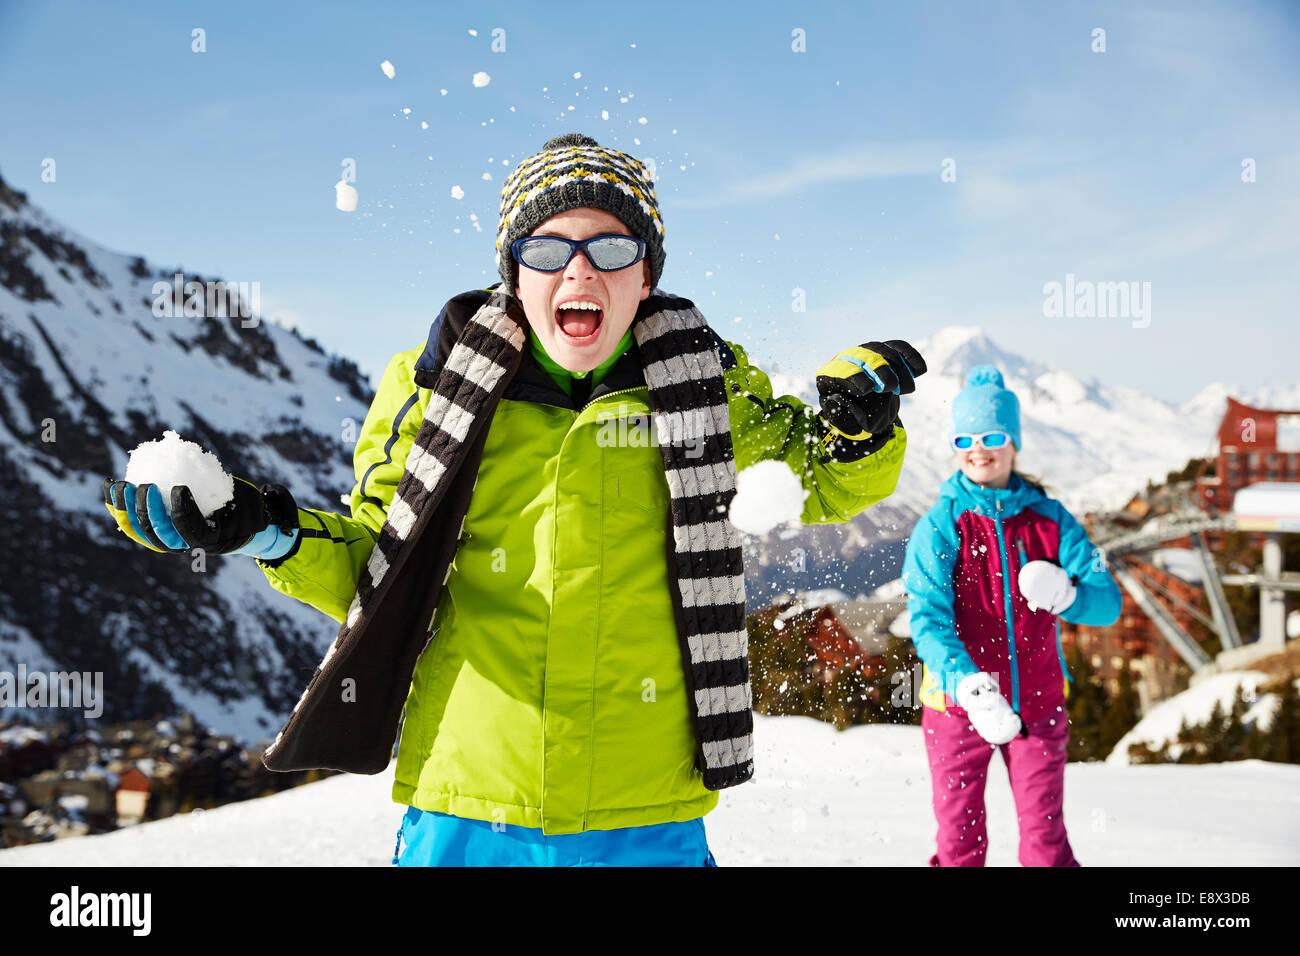 Hermanos habiendo Lucha de bola de nieve Foto de stock